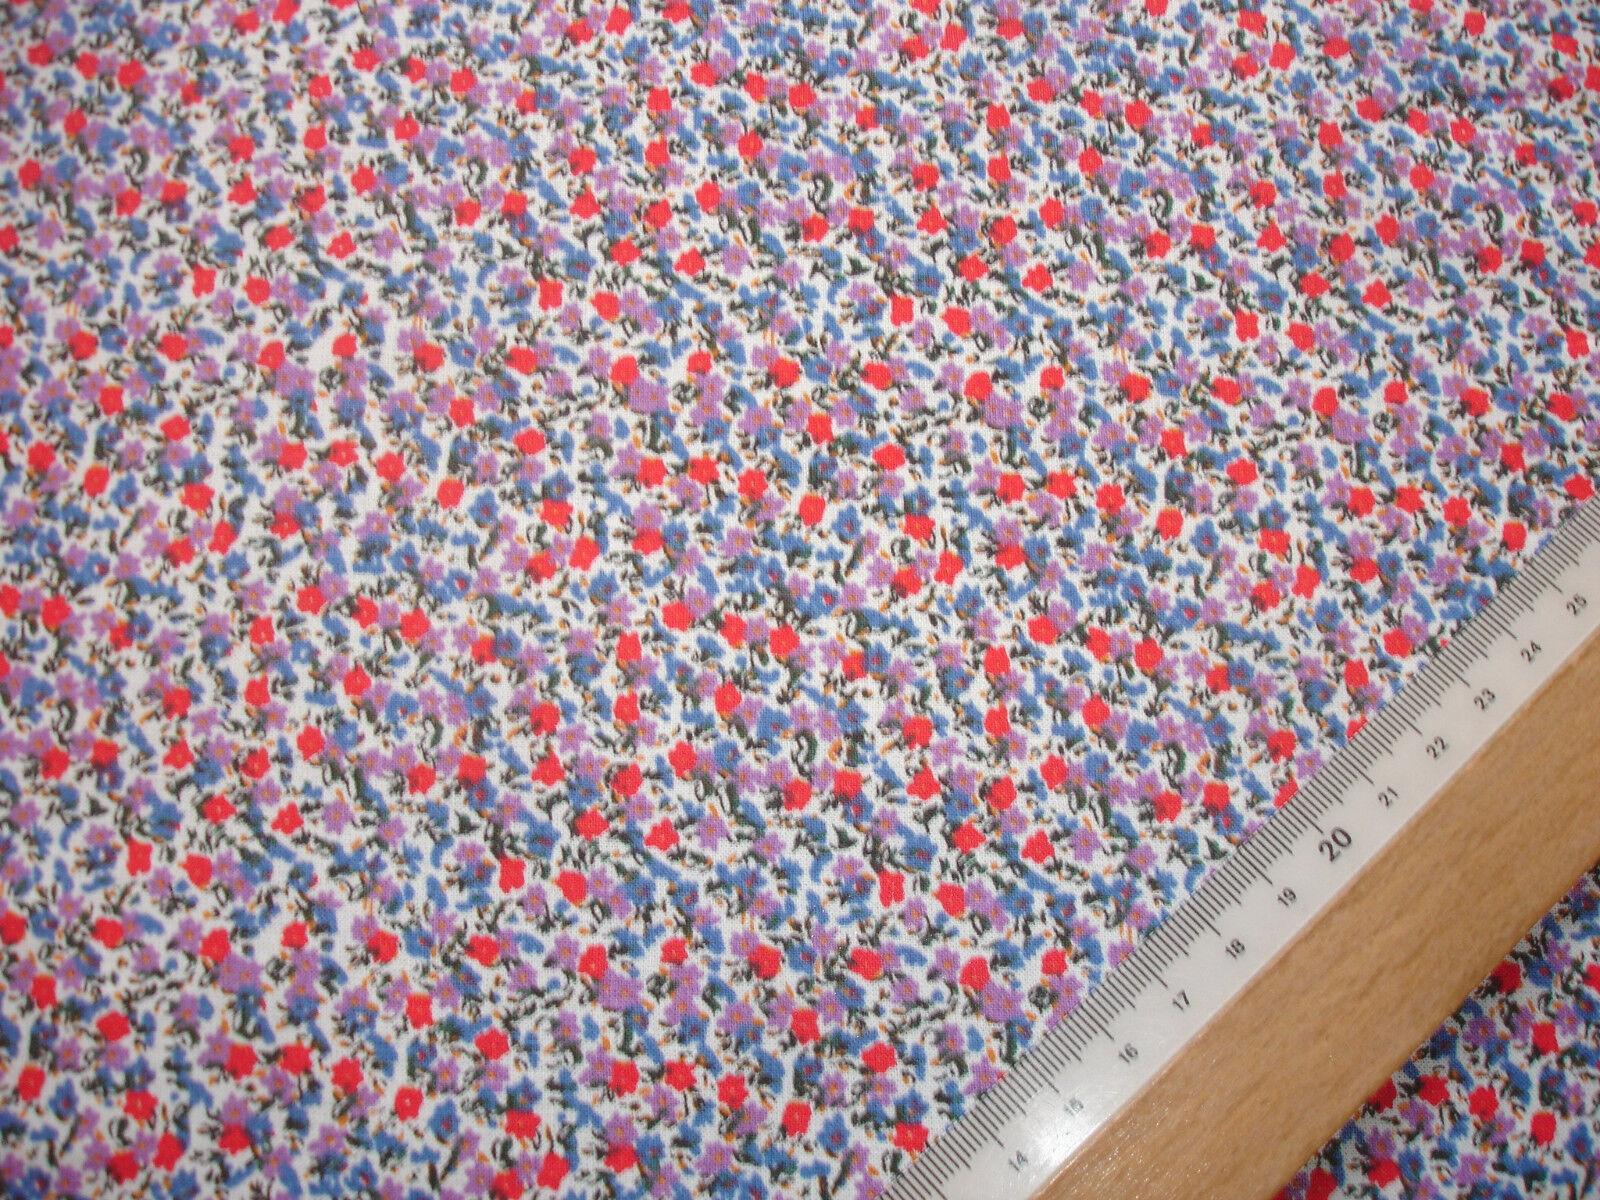 1 Lfm Baumwollbatist 2,93€/m²  Streublümchen auf weiß 150cm breit  FD2